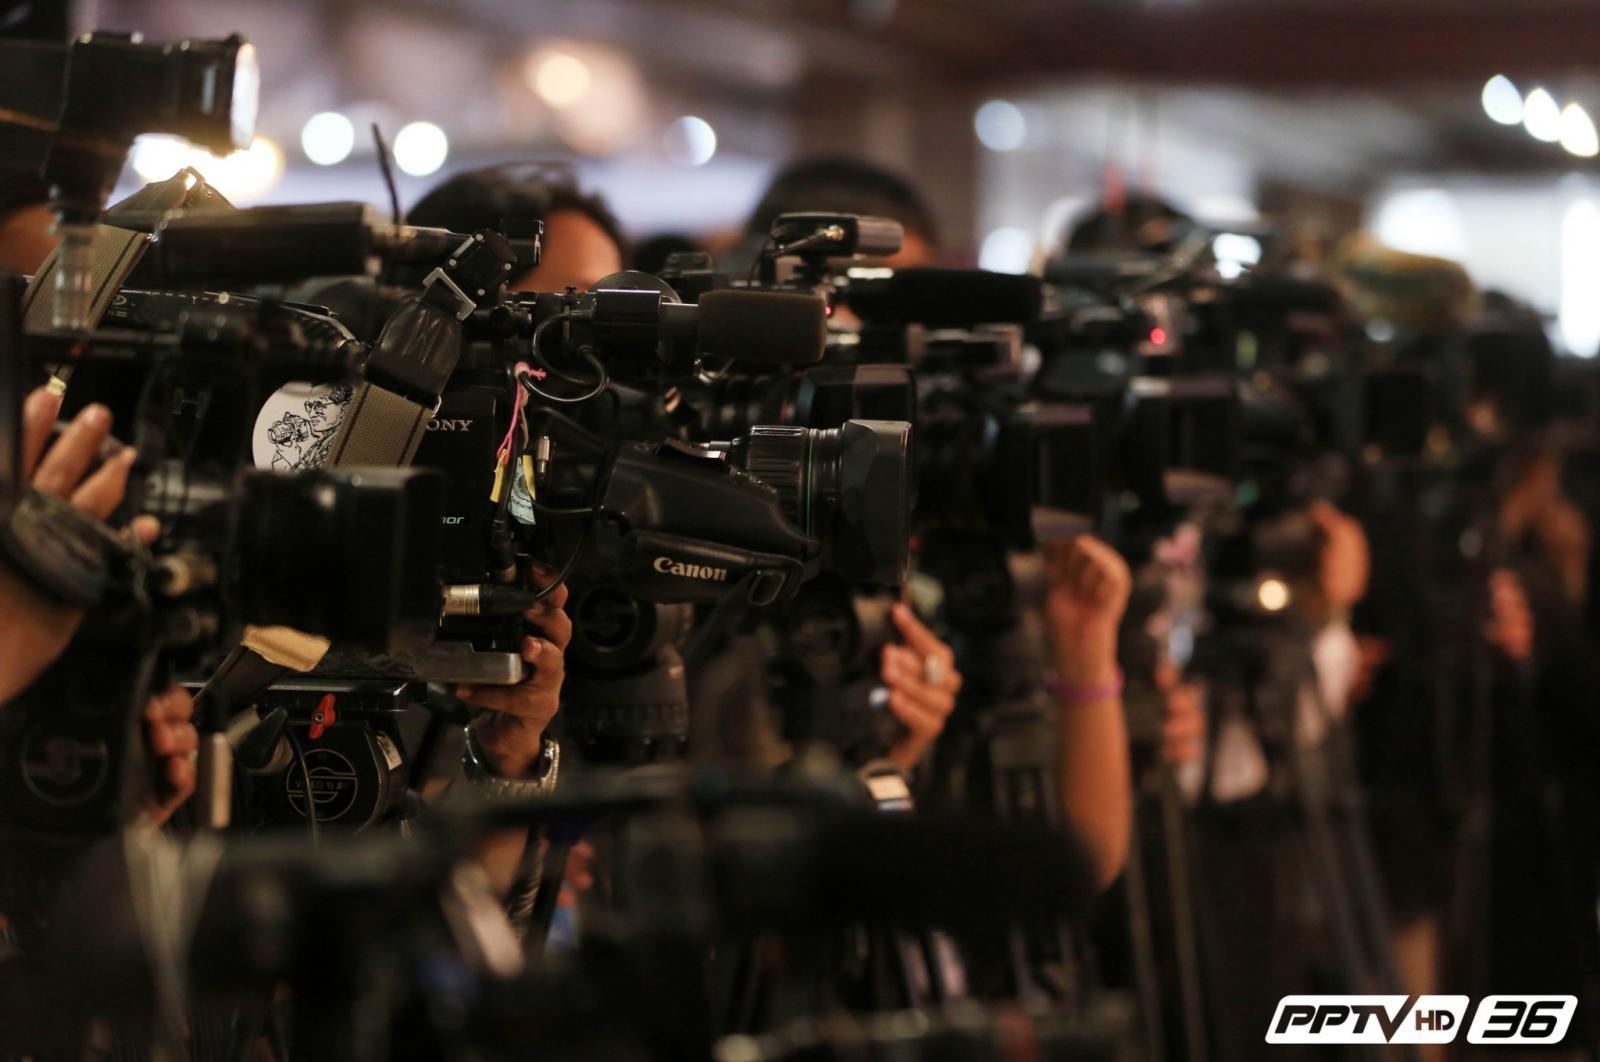 30 องค์กรสื่อ ยกระดับต้านกม.ควบคุมสื่อ-ชี้รัฐเจตนาปิดกั้น (คลิป)